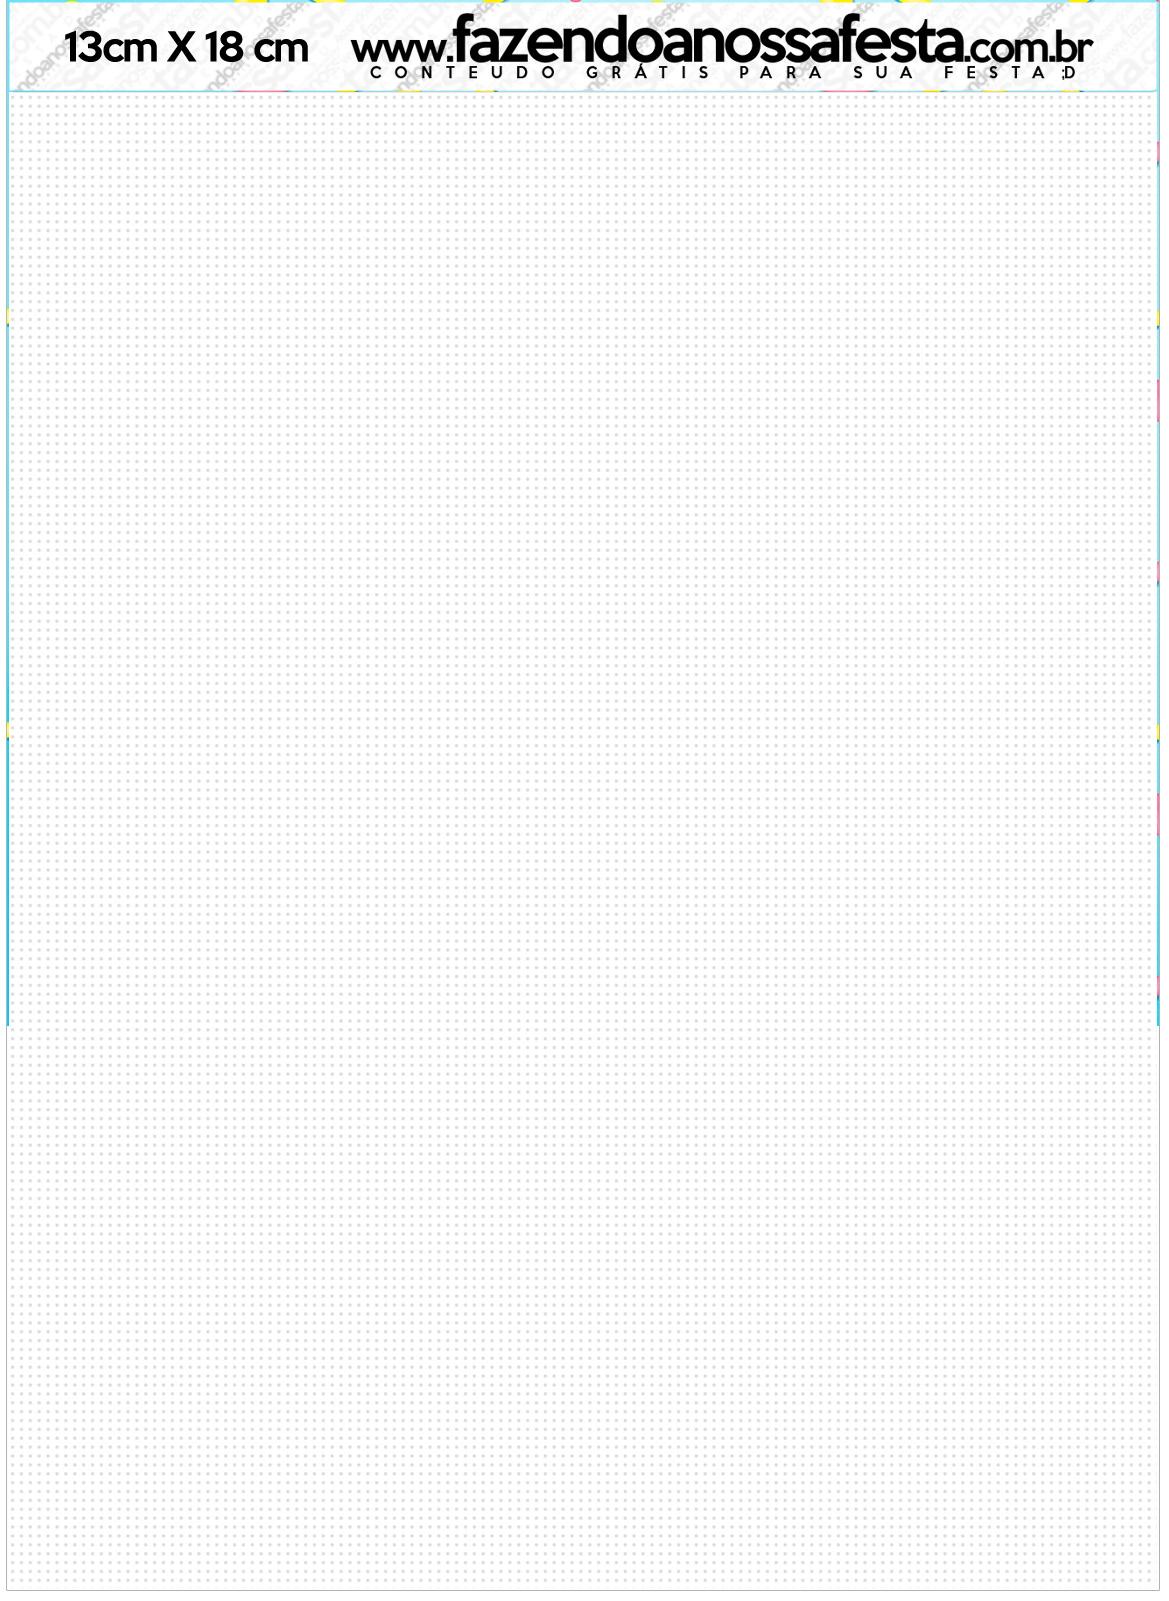 Convite com Envelope Shopkins Azul